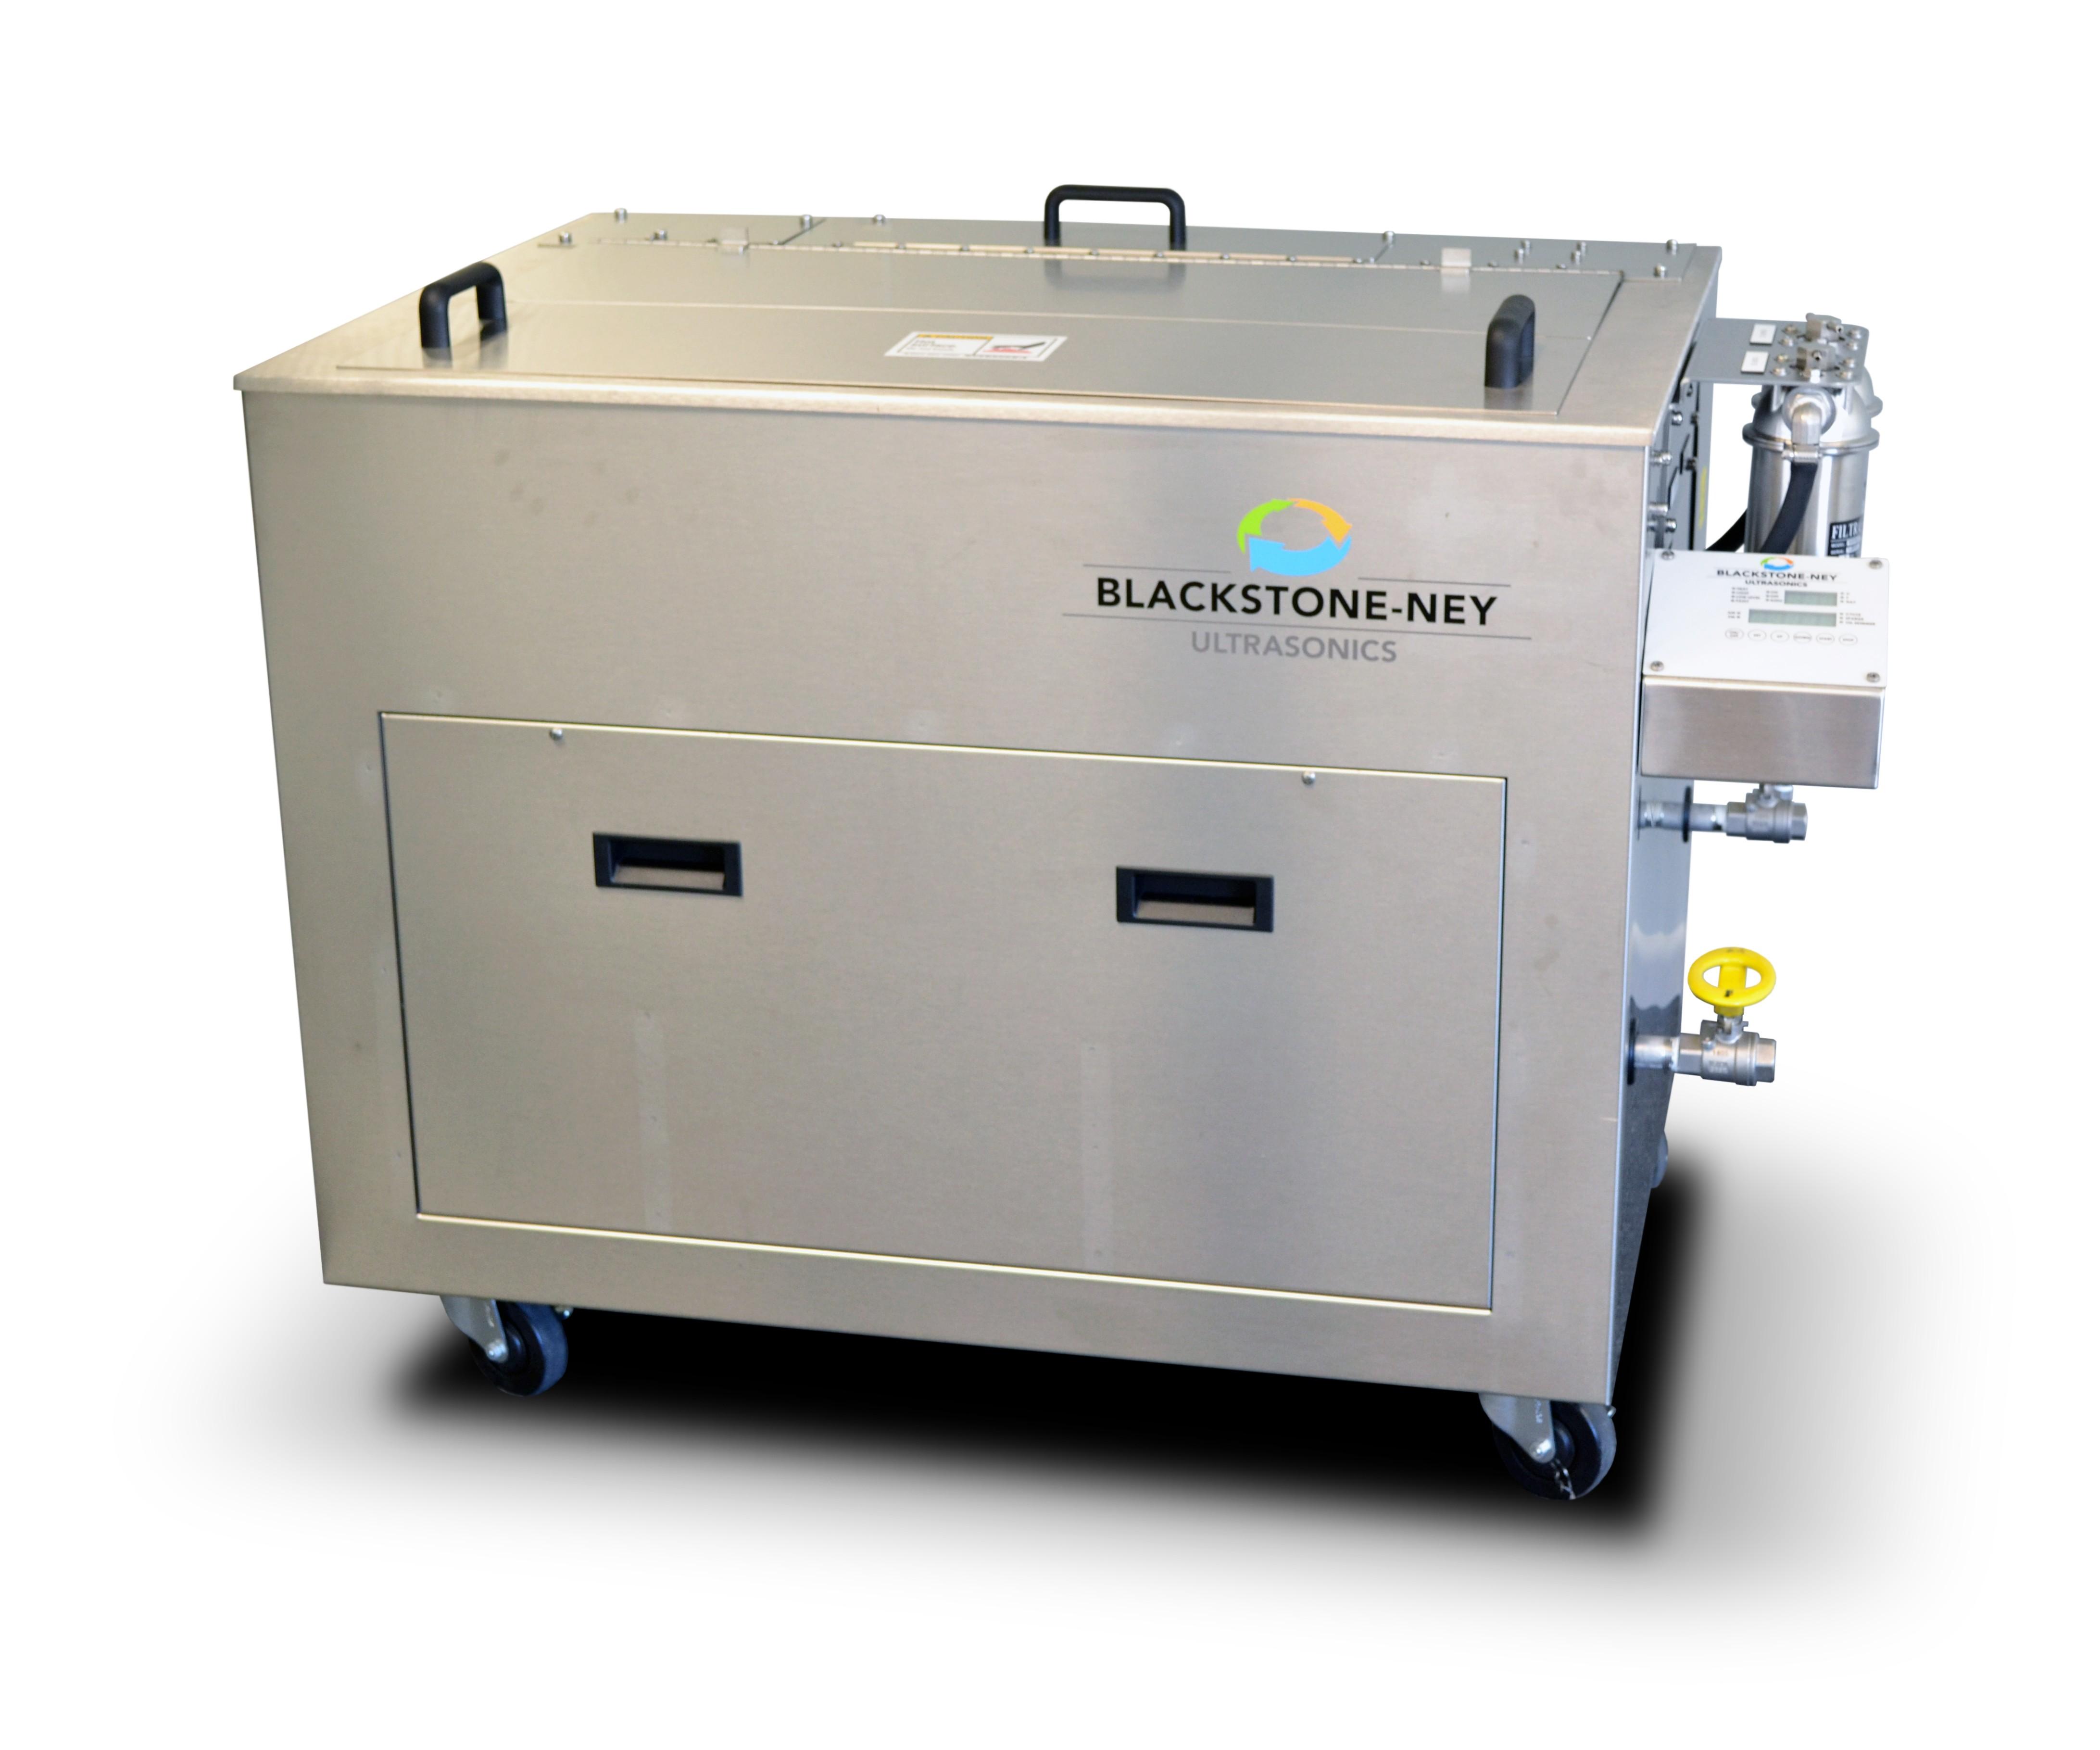 Sistema de limpieza ultrasónico GMC en acero inoxidable de Blackstone-NEY.